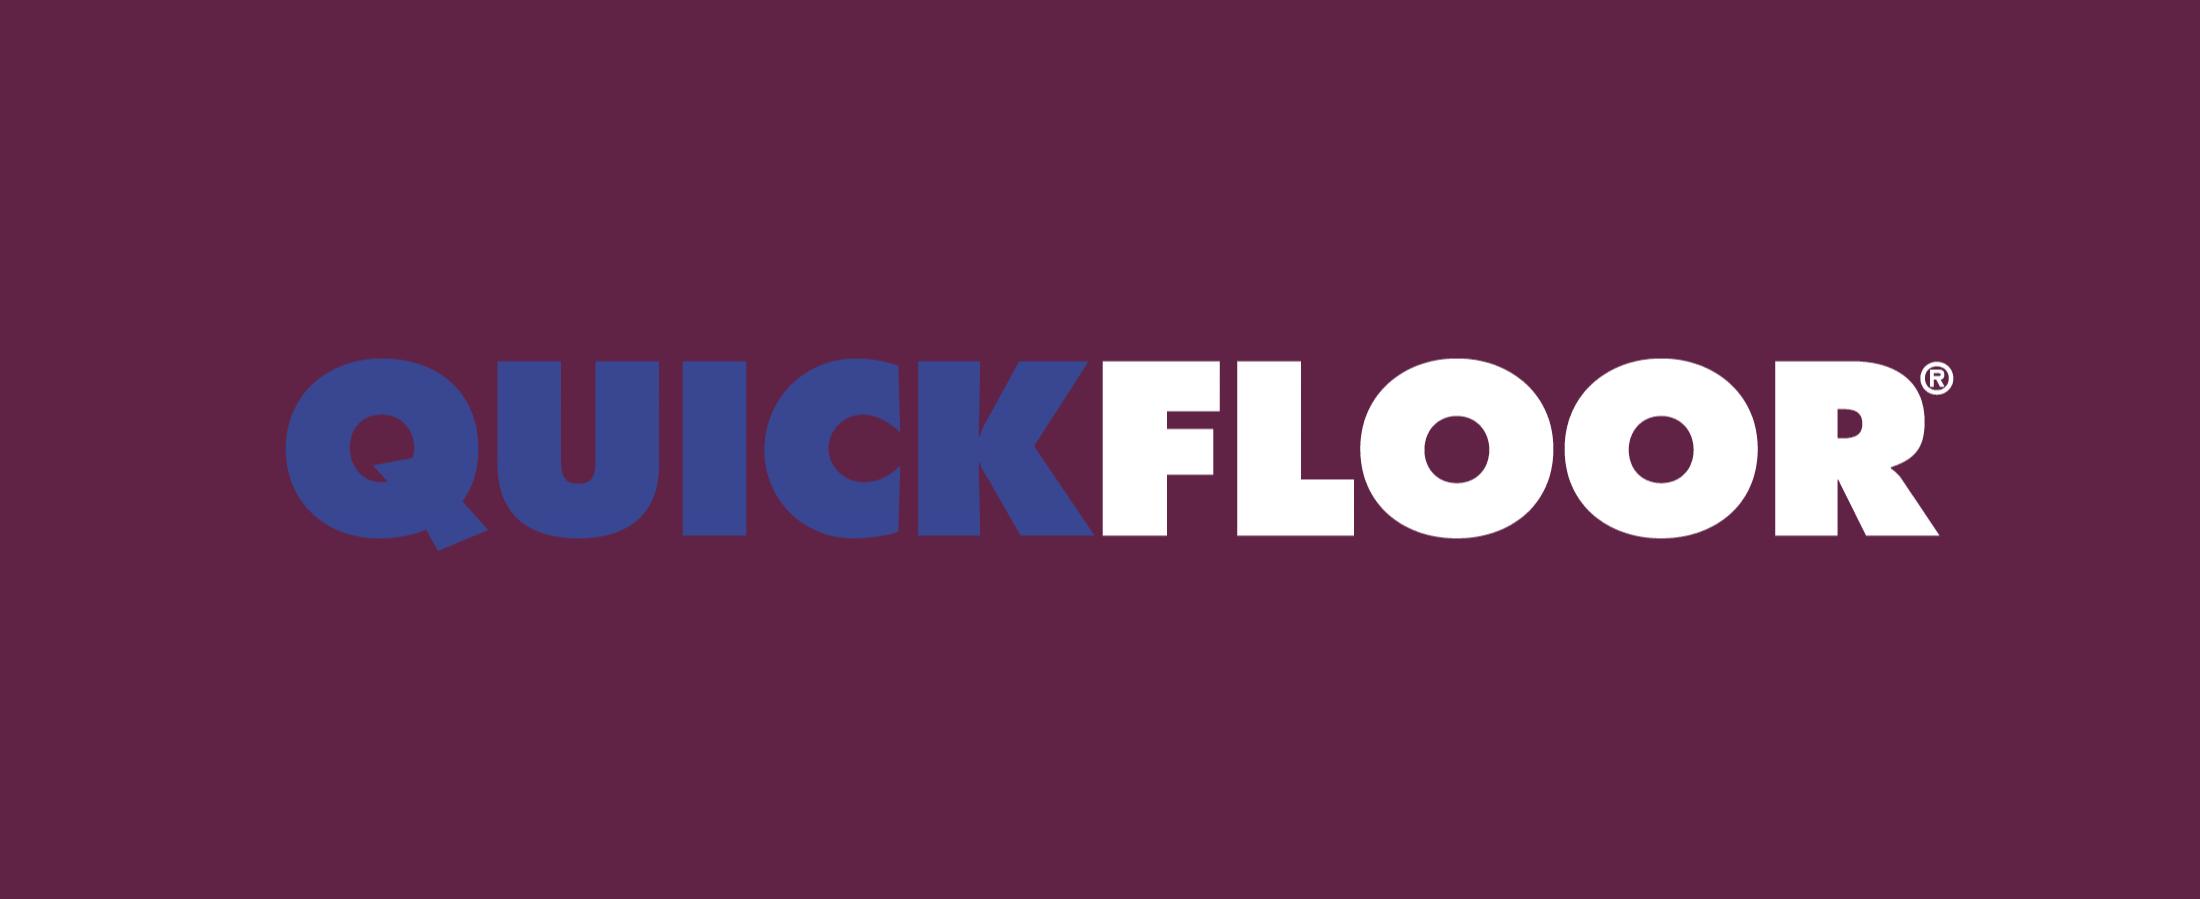 logo-quickfloor-huistopper-witzand-bouwmaterialen